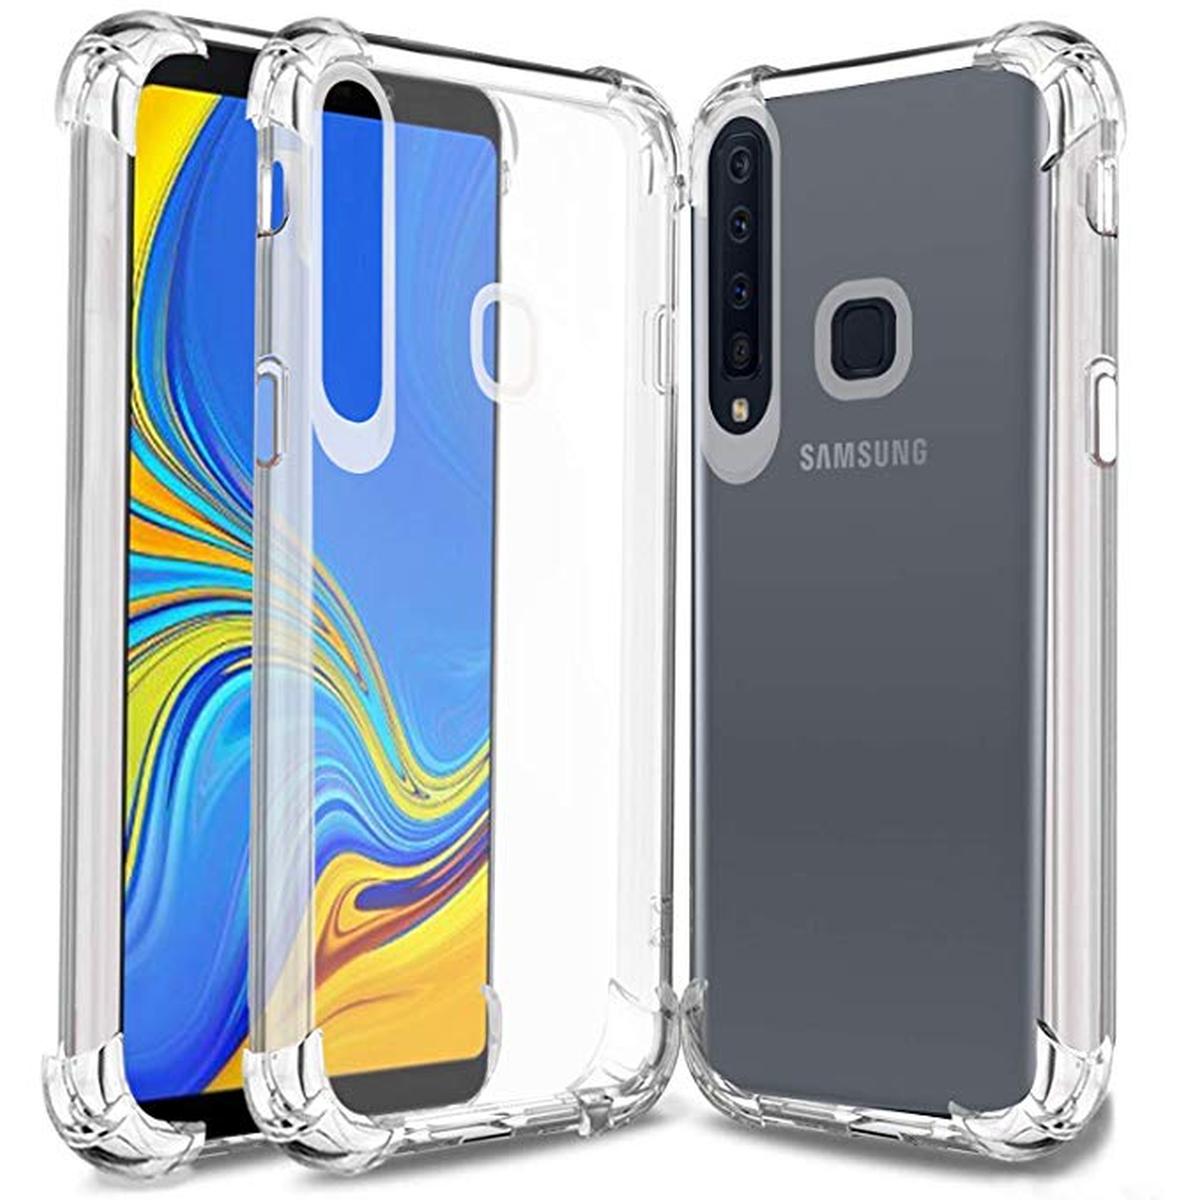 Samsung Galaxy A9 clear case